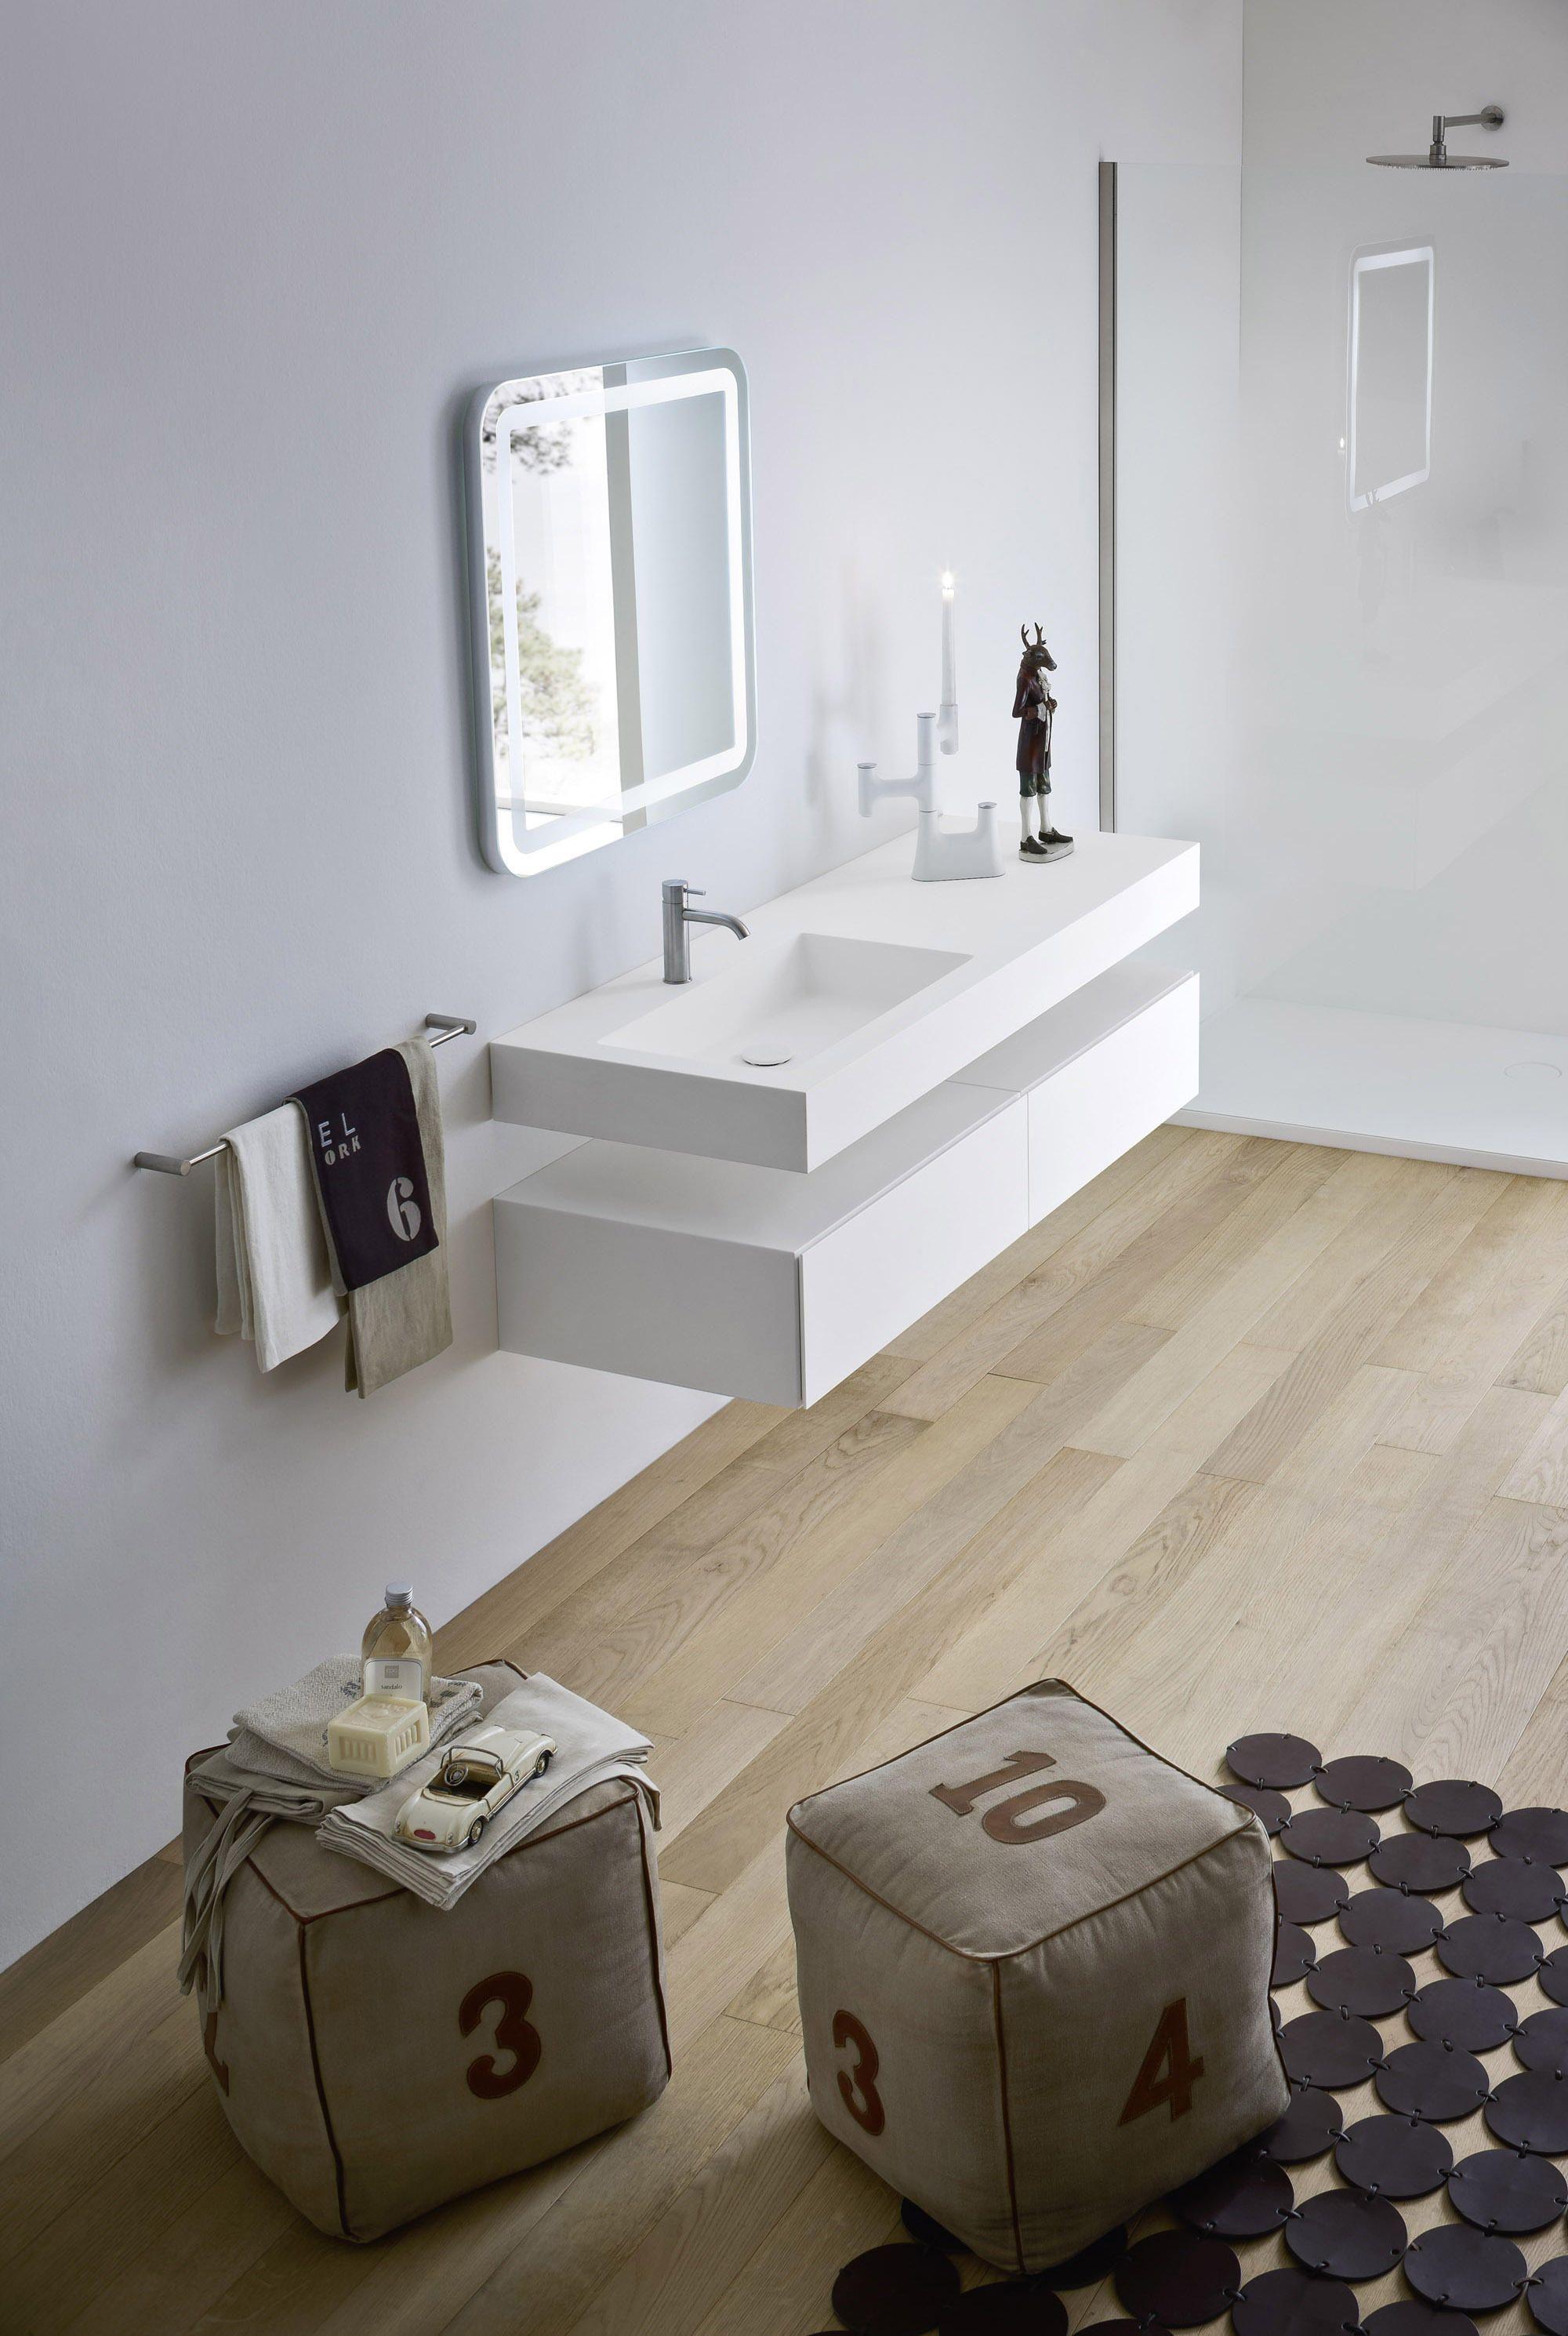 Schon Waschtisch Mit Unterschrank 120 Cm Waschbecken Waschtisch